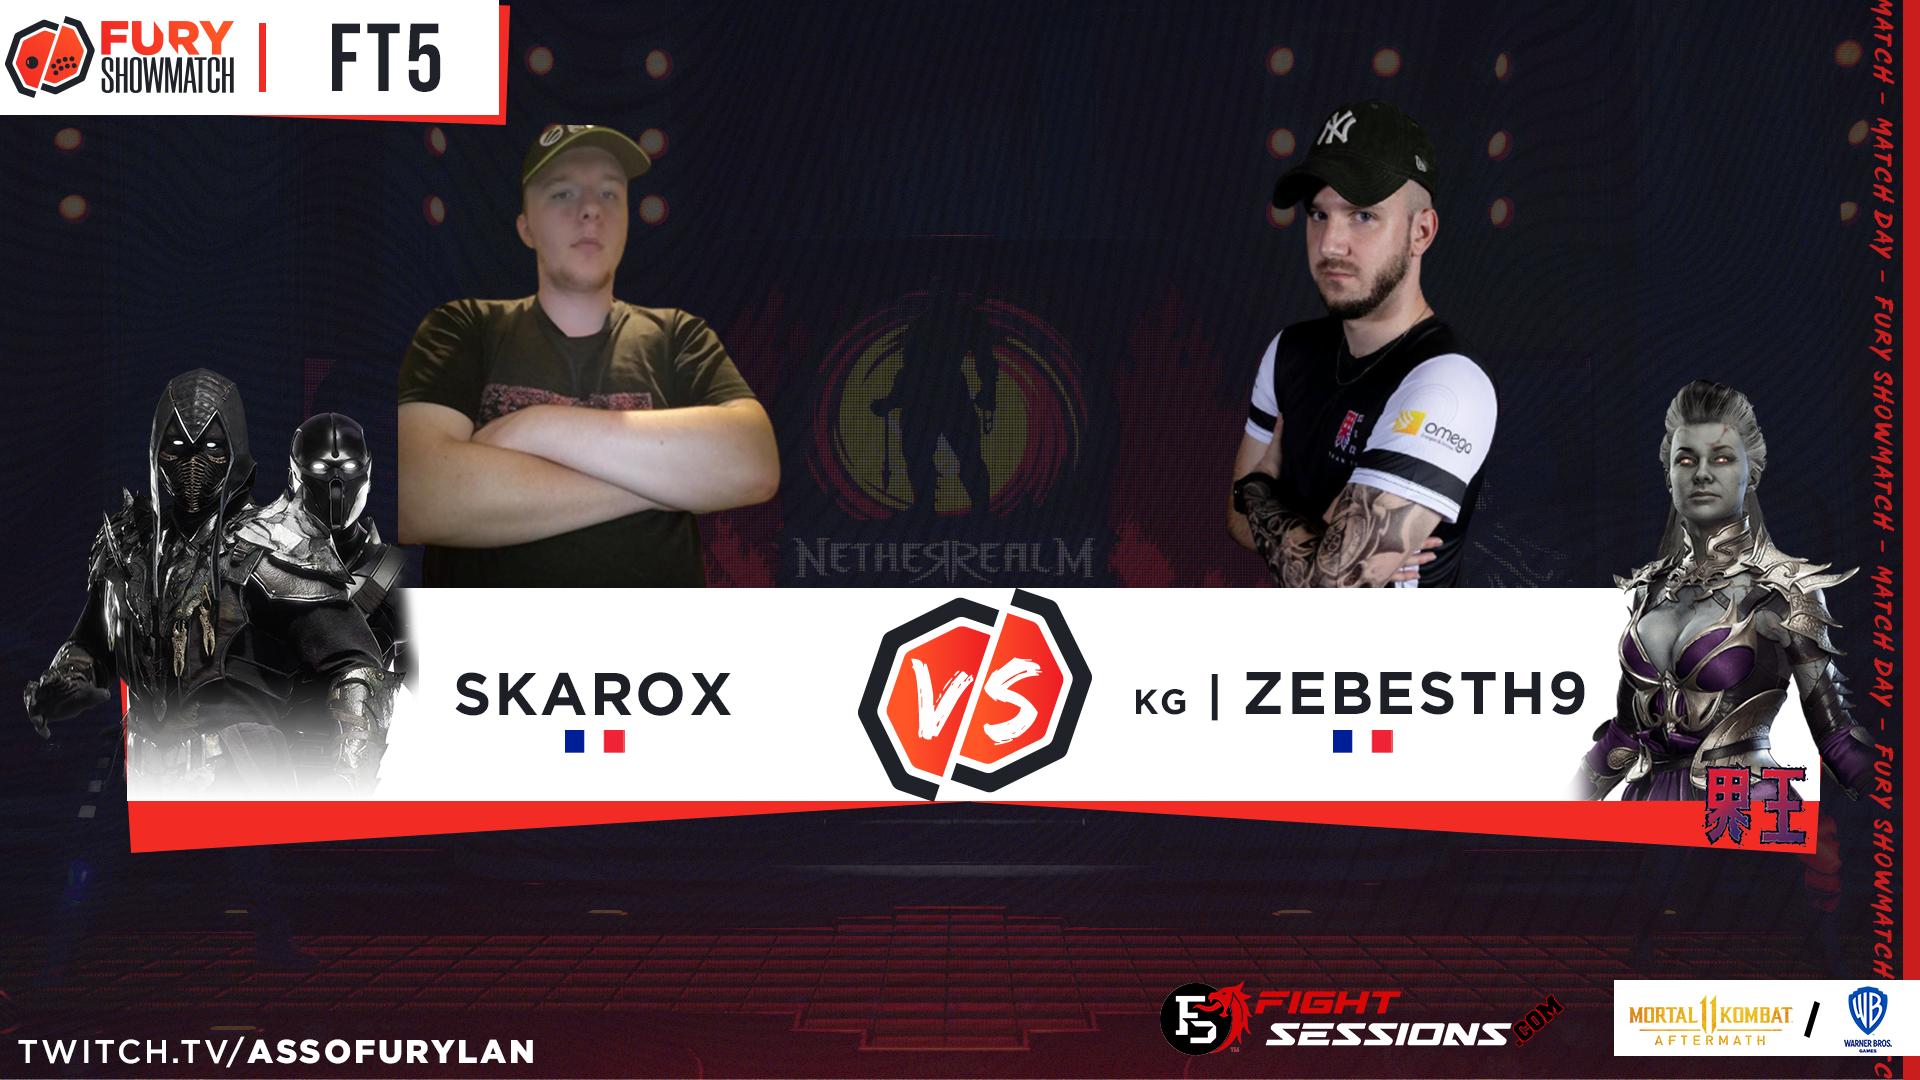 Skarox vs Zebesth